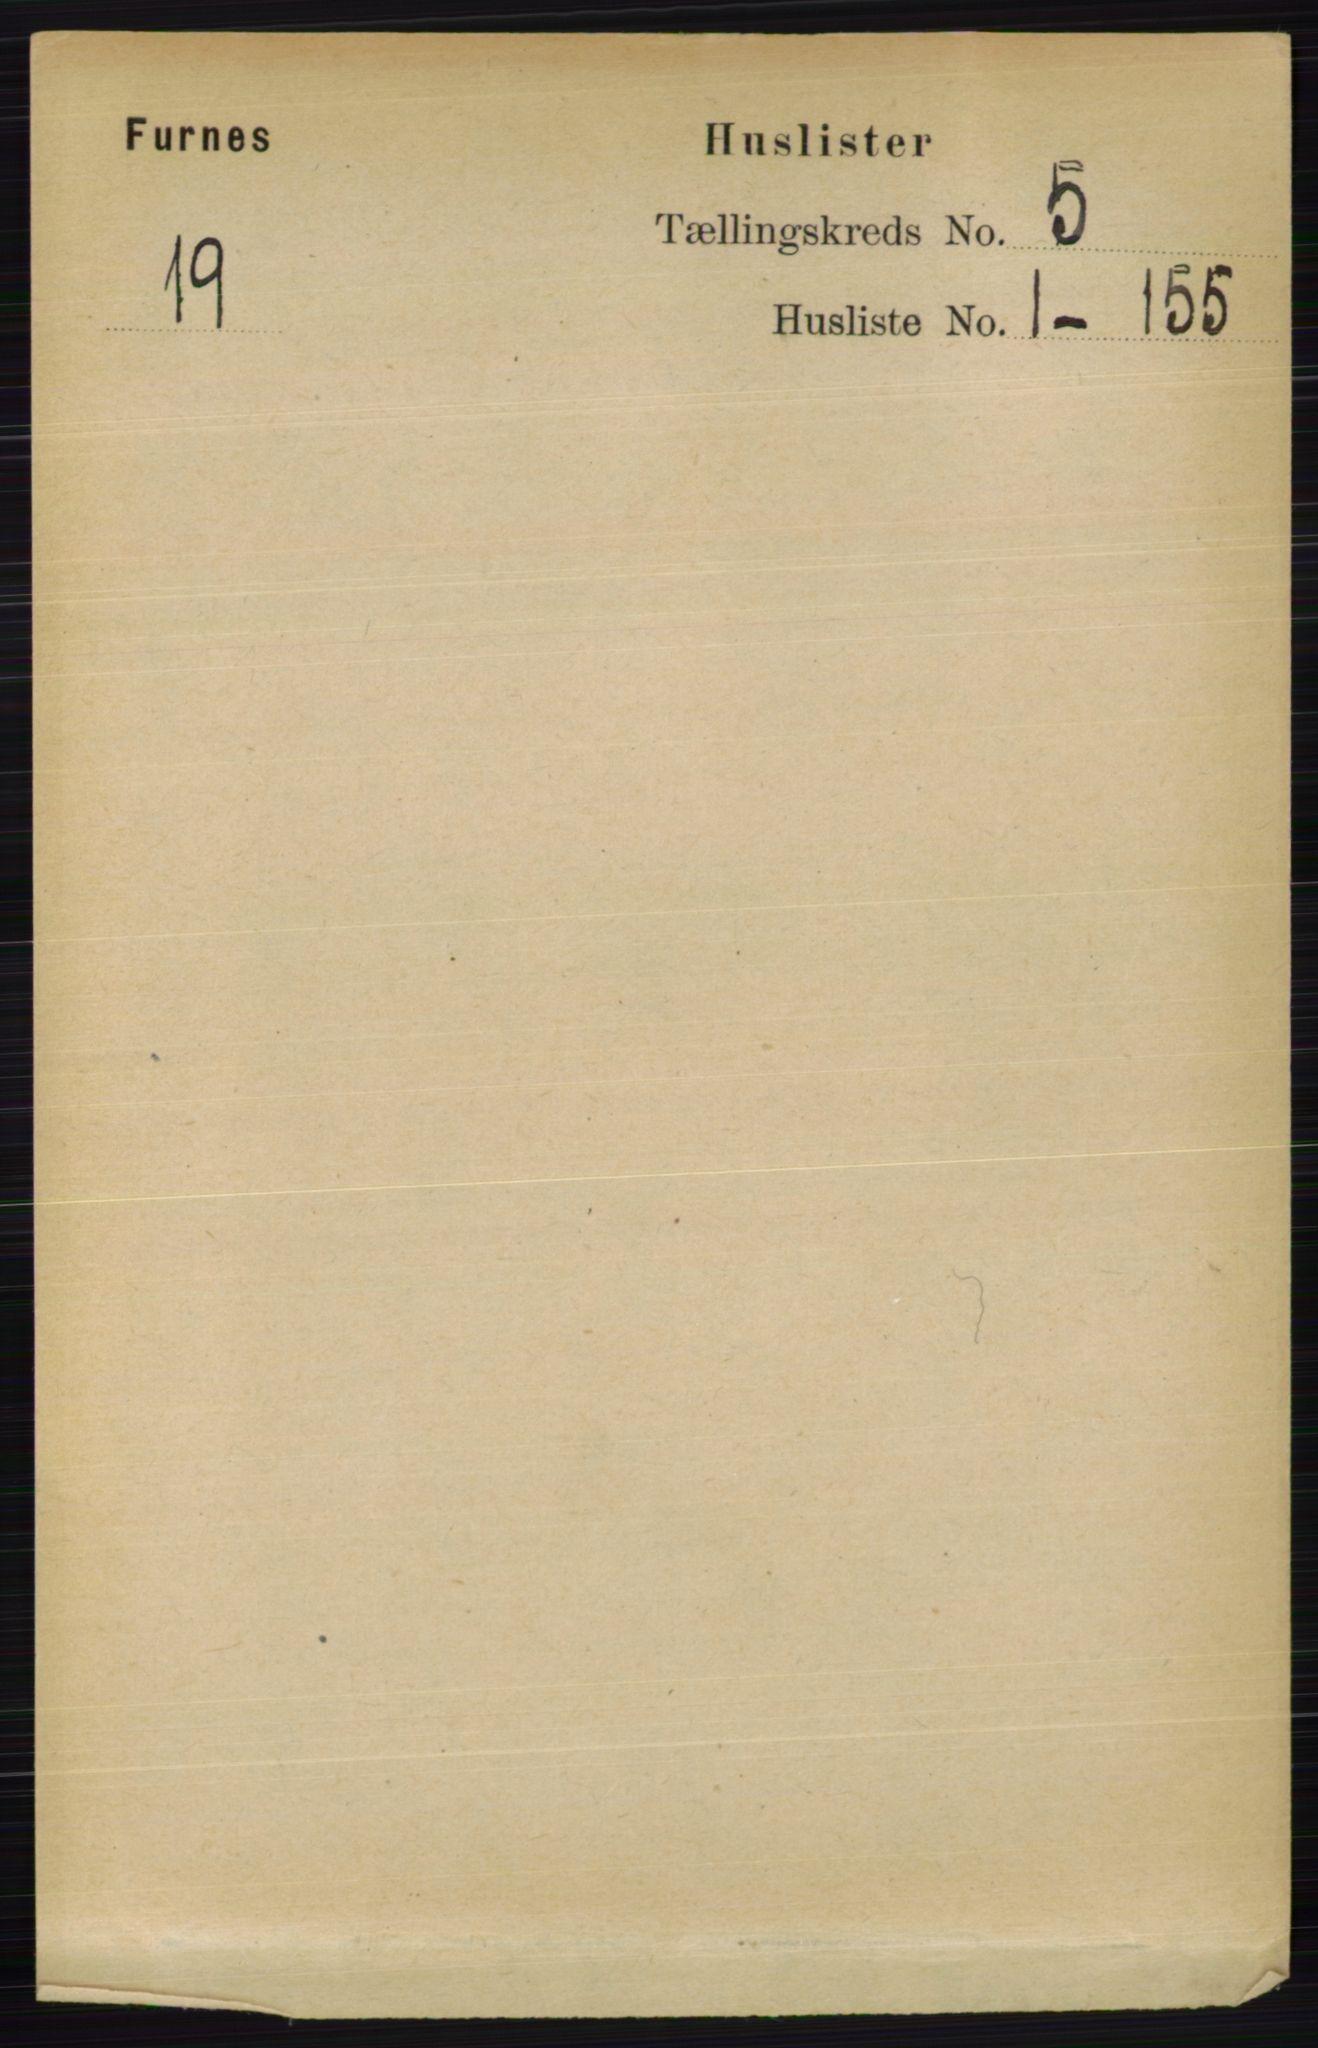 RA, Folketelling 1891 for 0413 Furnes herred, 1891, s. 2998